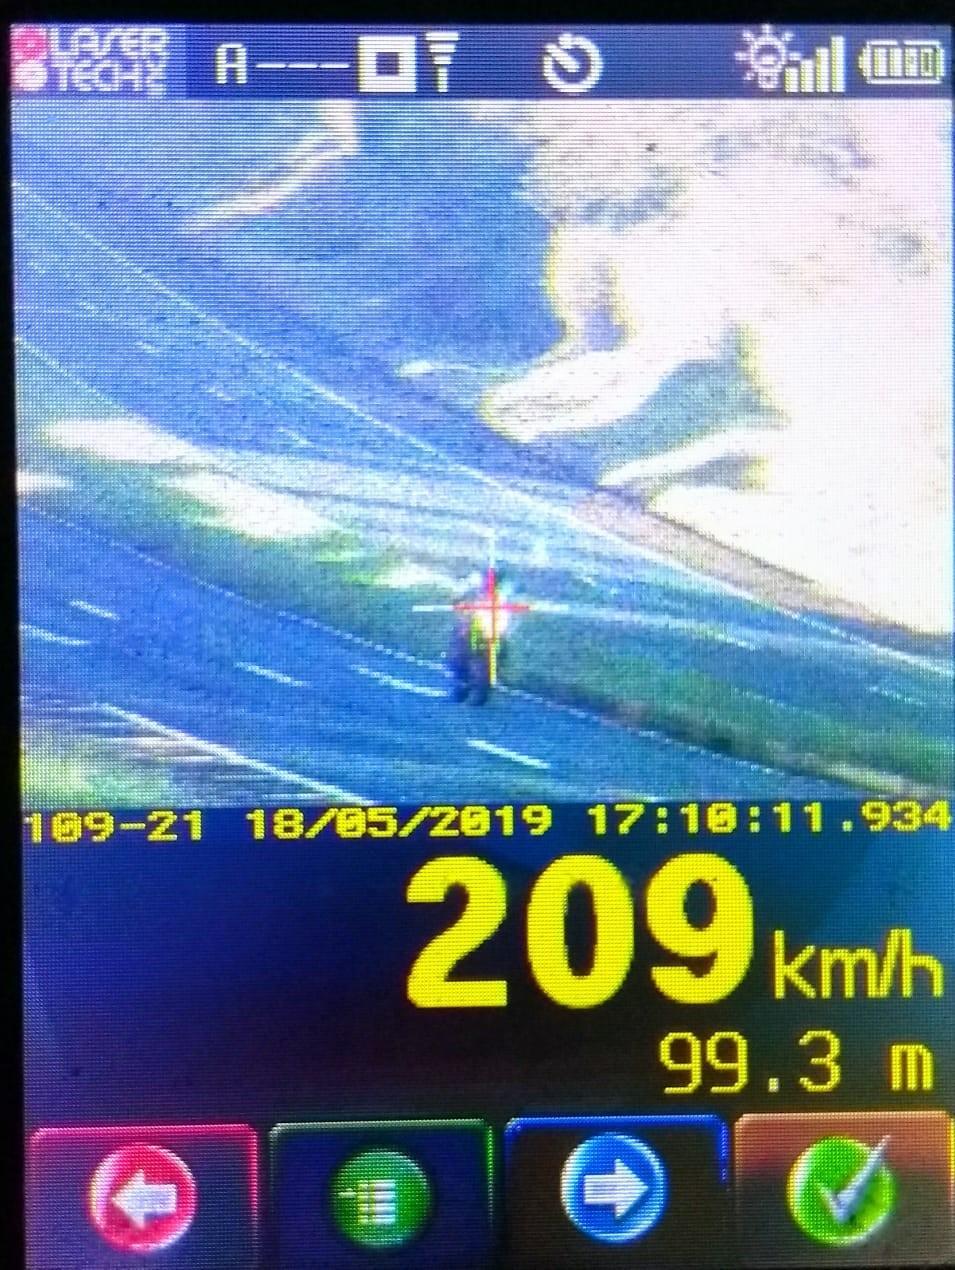 Motociclista flagrado na PR-317 a 209 km/h terá a CNH suspensa